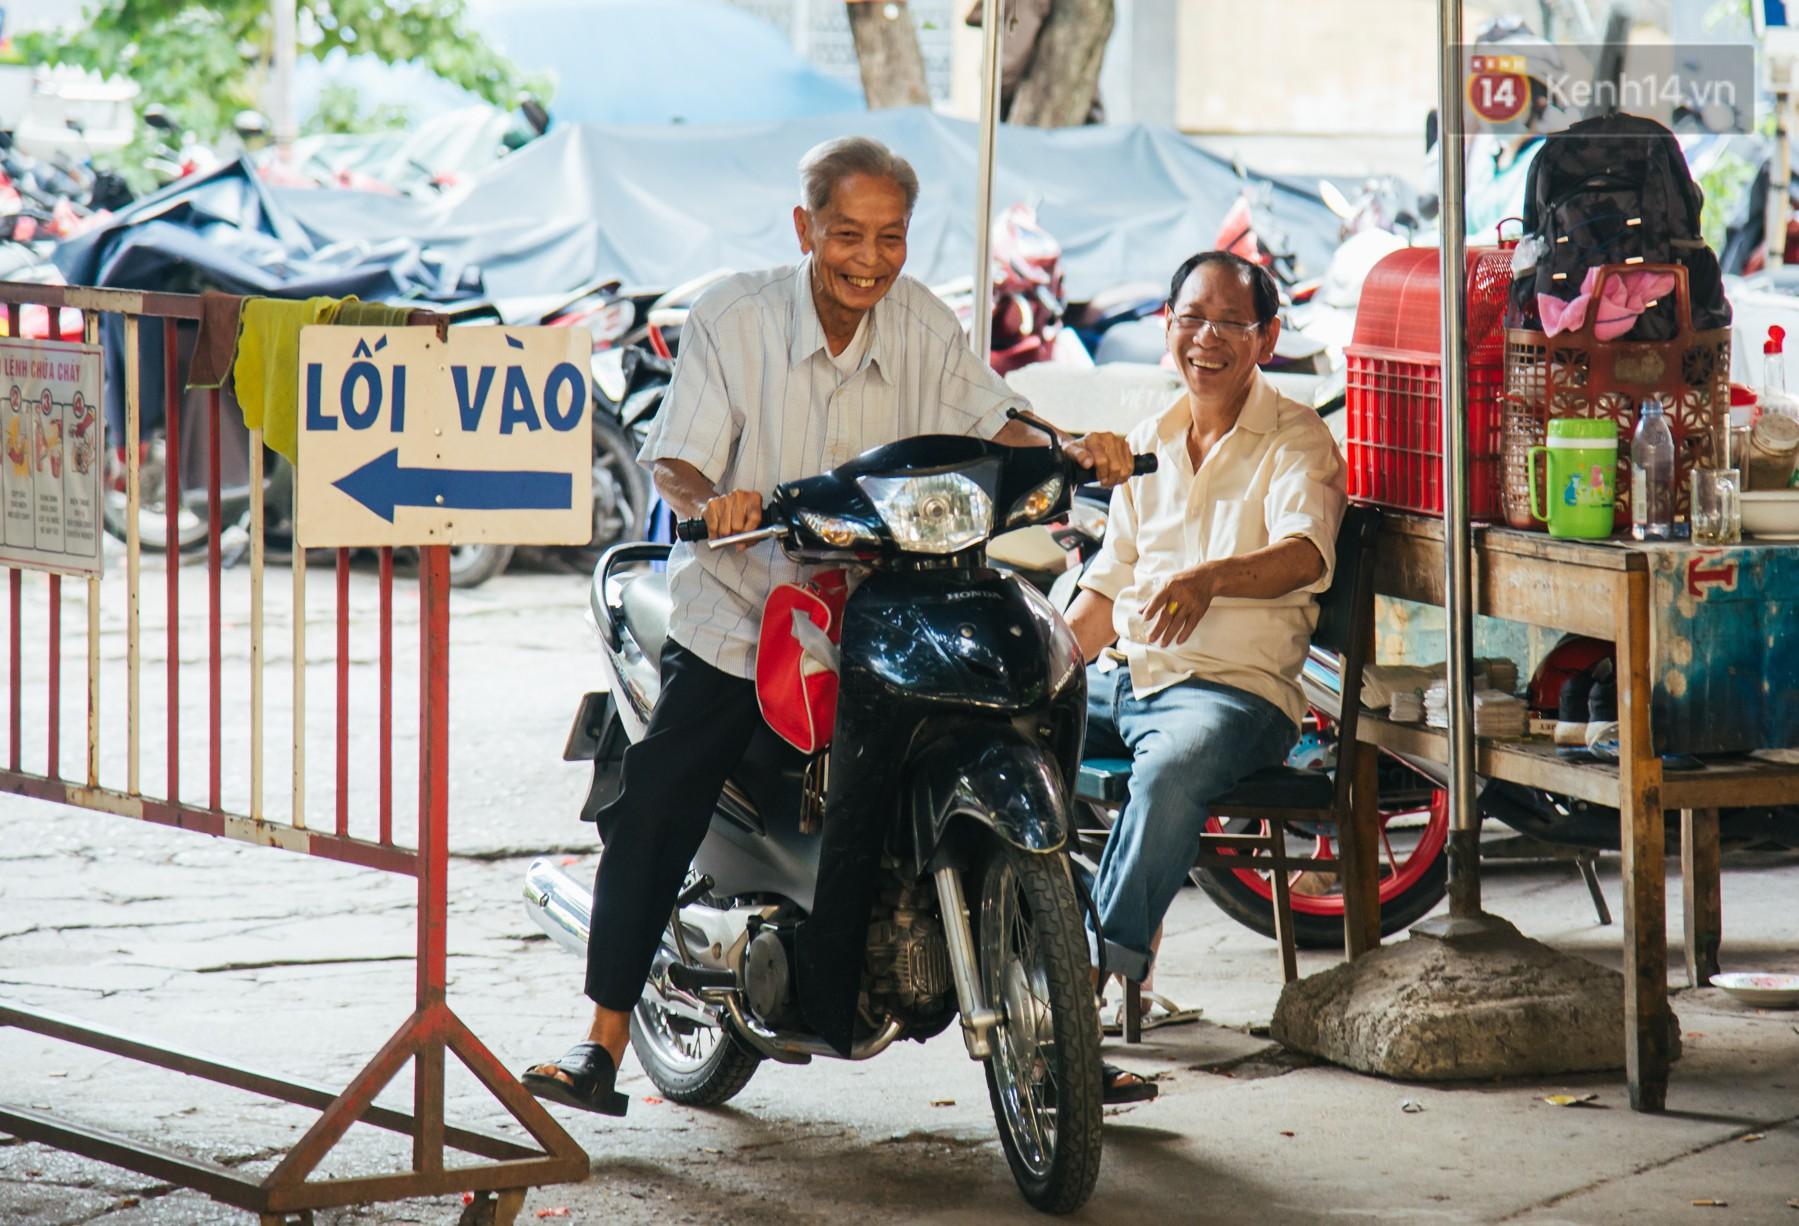 Chuyện ông cụ 77 tuổi ngồi ở thư viện Sài Gòn từ sáng đến tối mịt: Ăn cơm từ thiện, luyện học tiếng Anh - Ảnh 8.